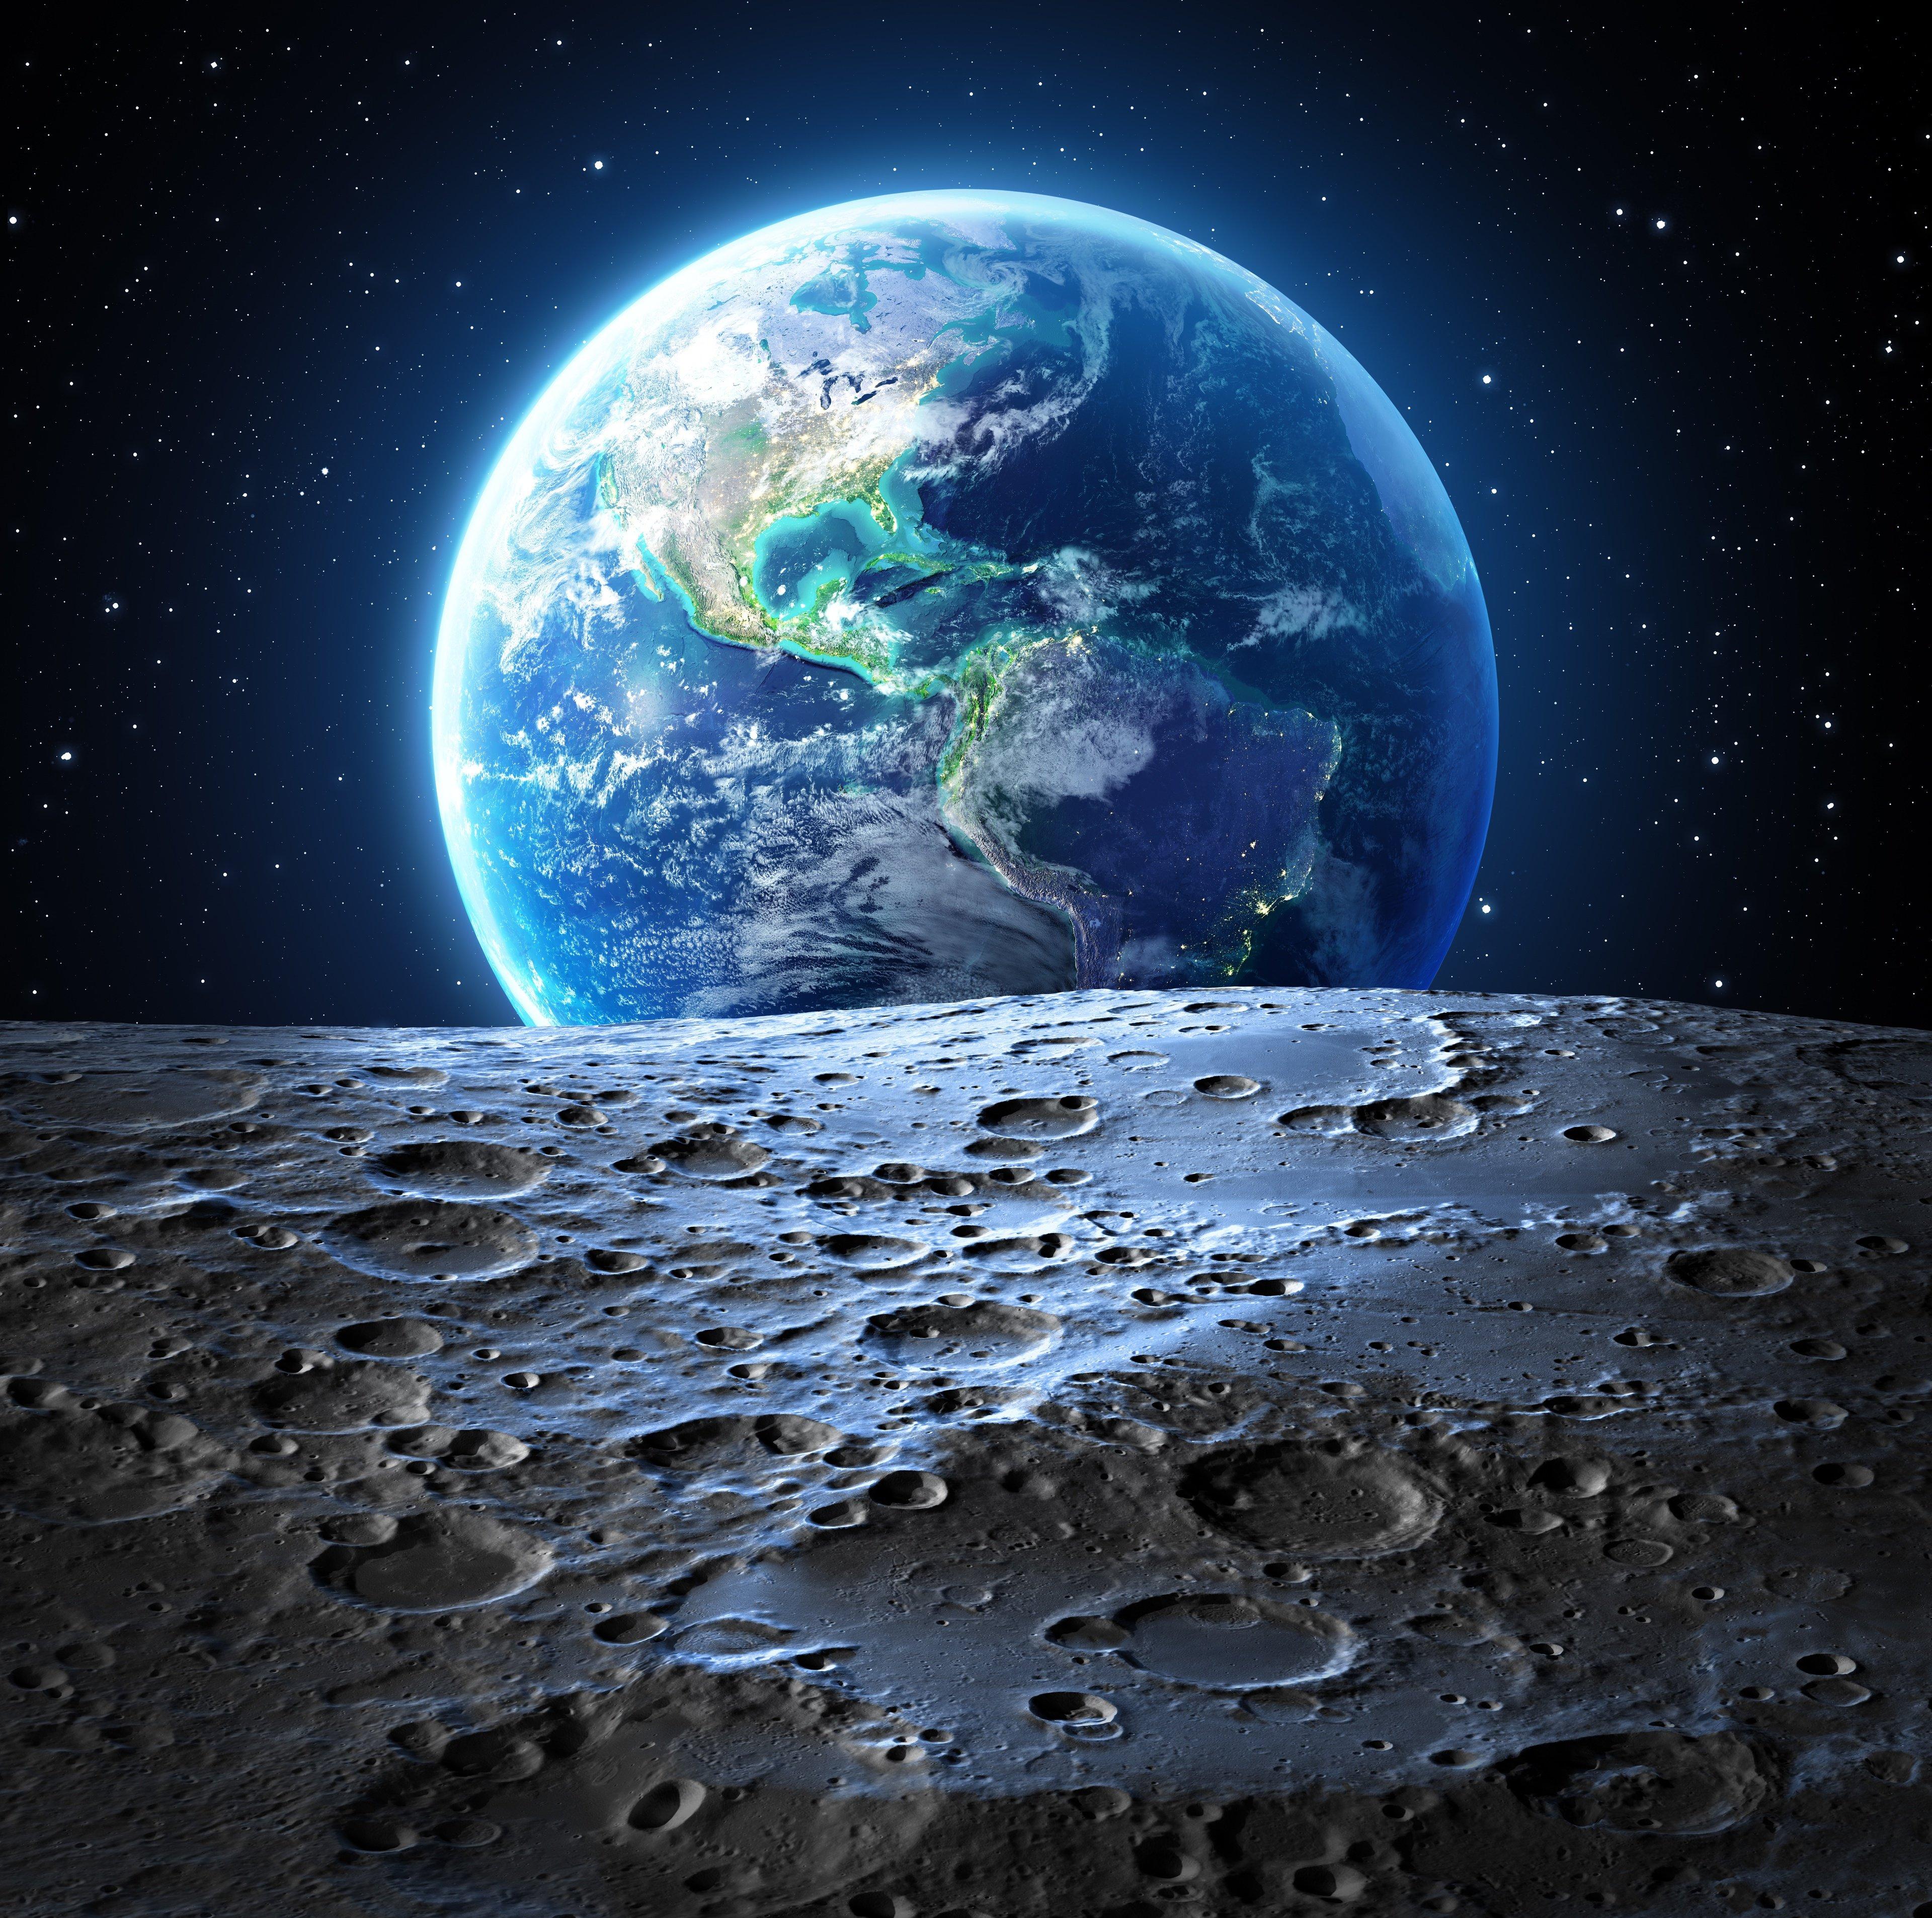 Fondos de pantalla Planeta Tierra vista desde la Luna